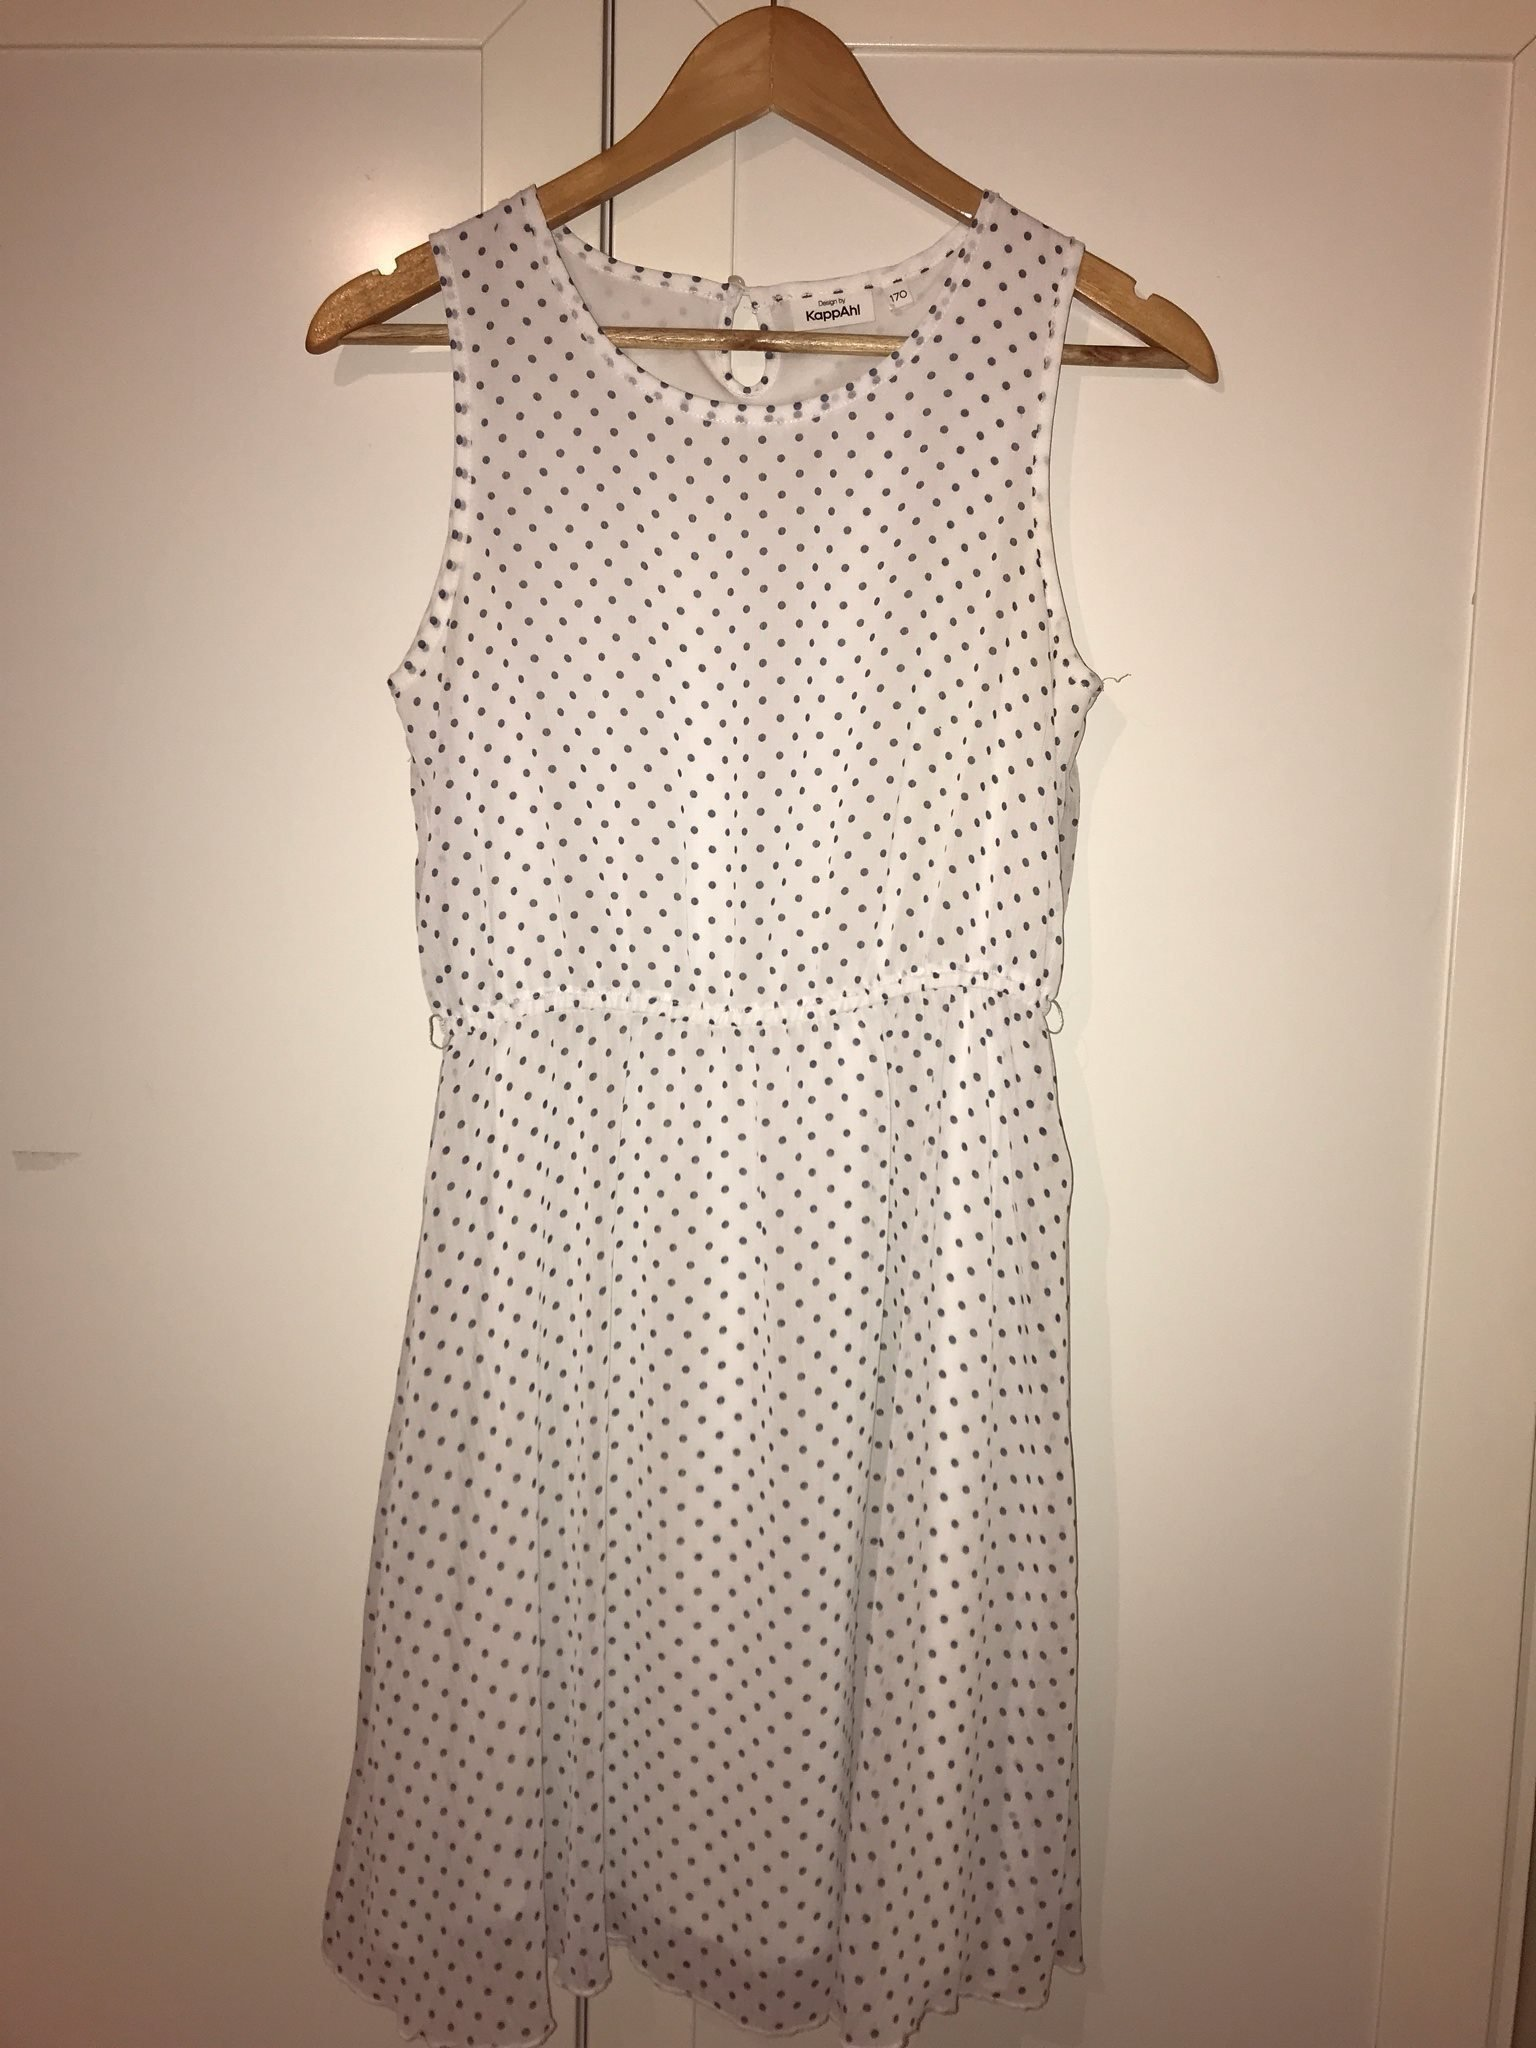 330e0446cc4f KappAhl, klänning, storlek 170 (346130691) ᐈ Köp på Tradera